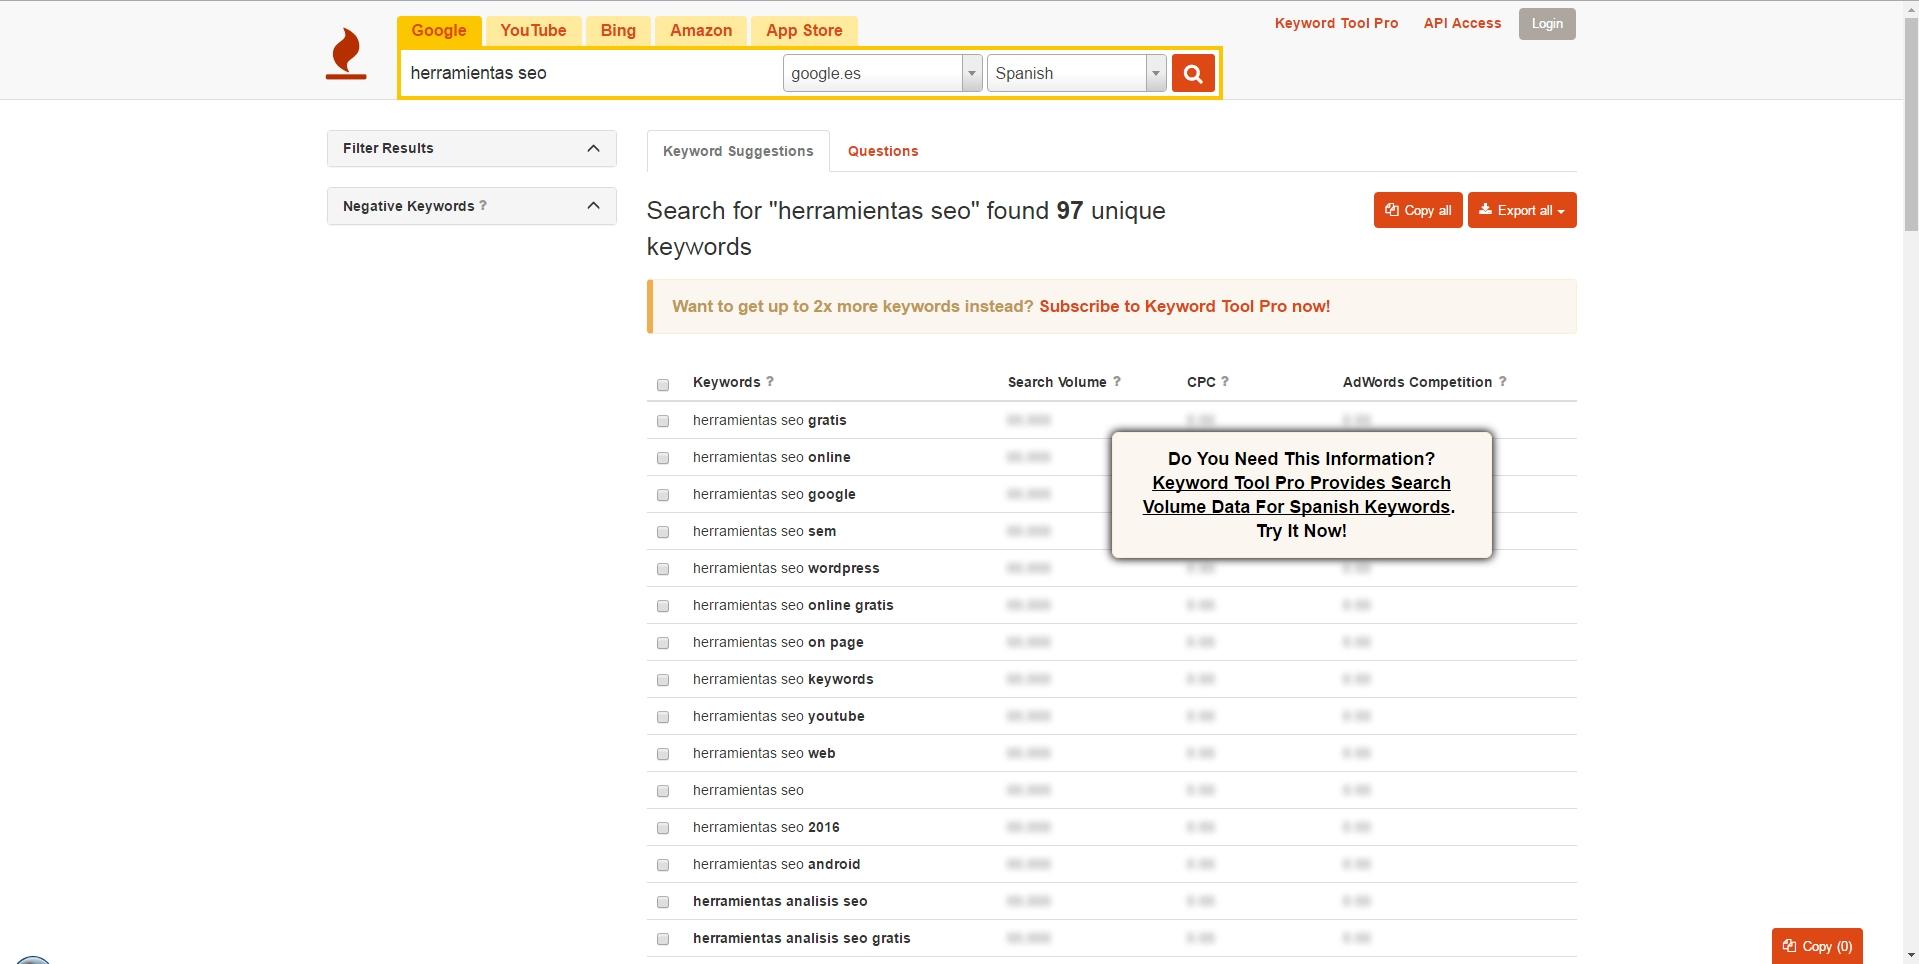 Herramientas SEO - Investigación de palabras clave | Keywordtool.io